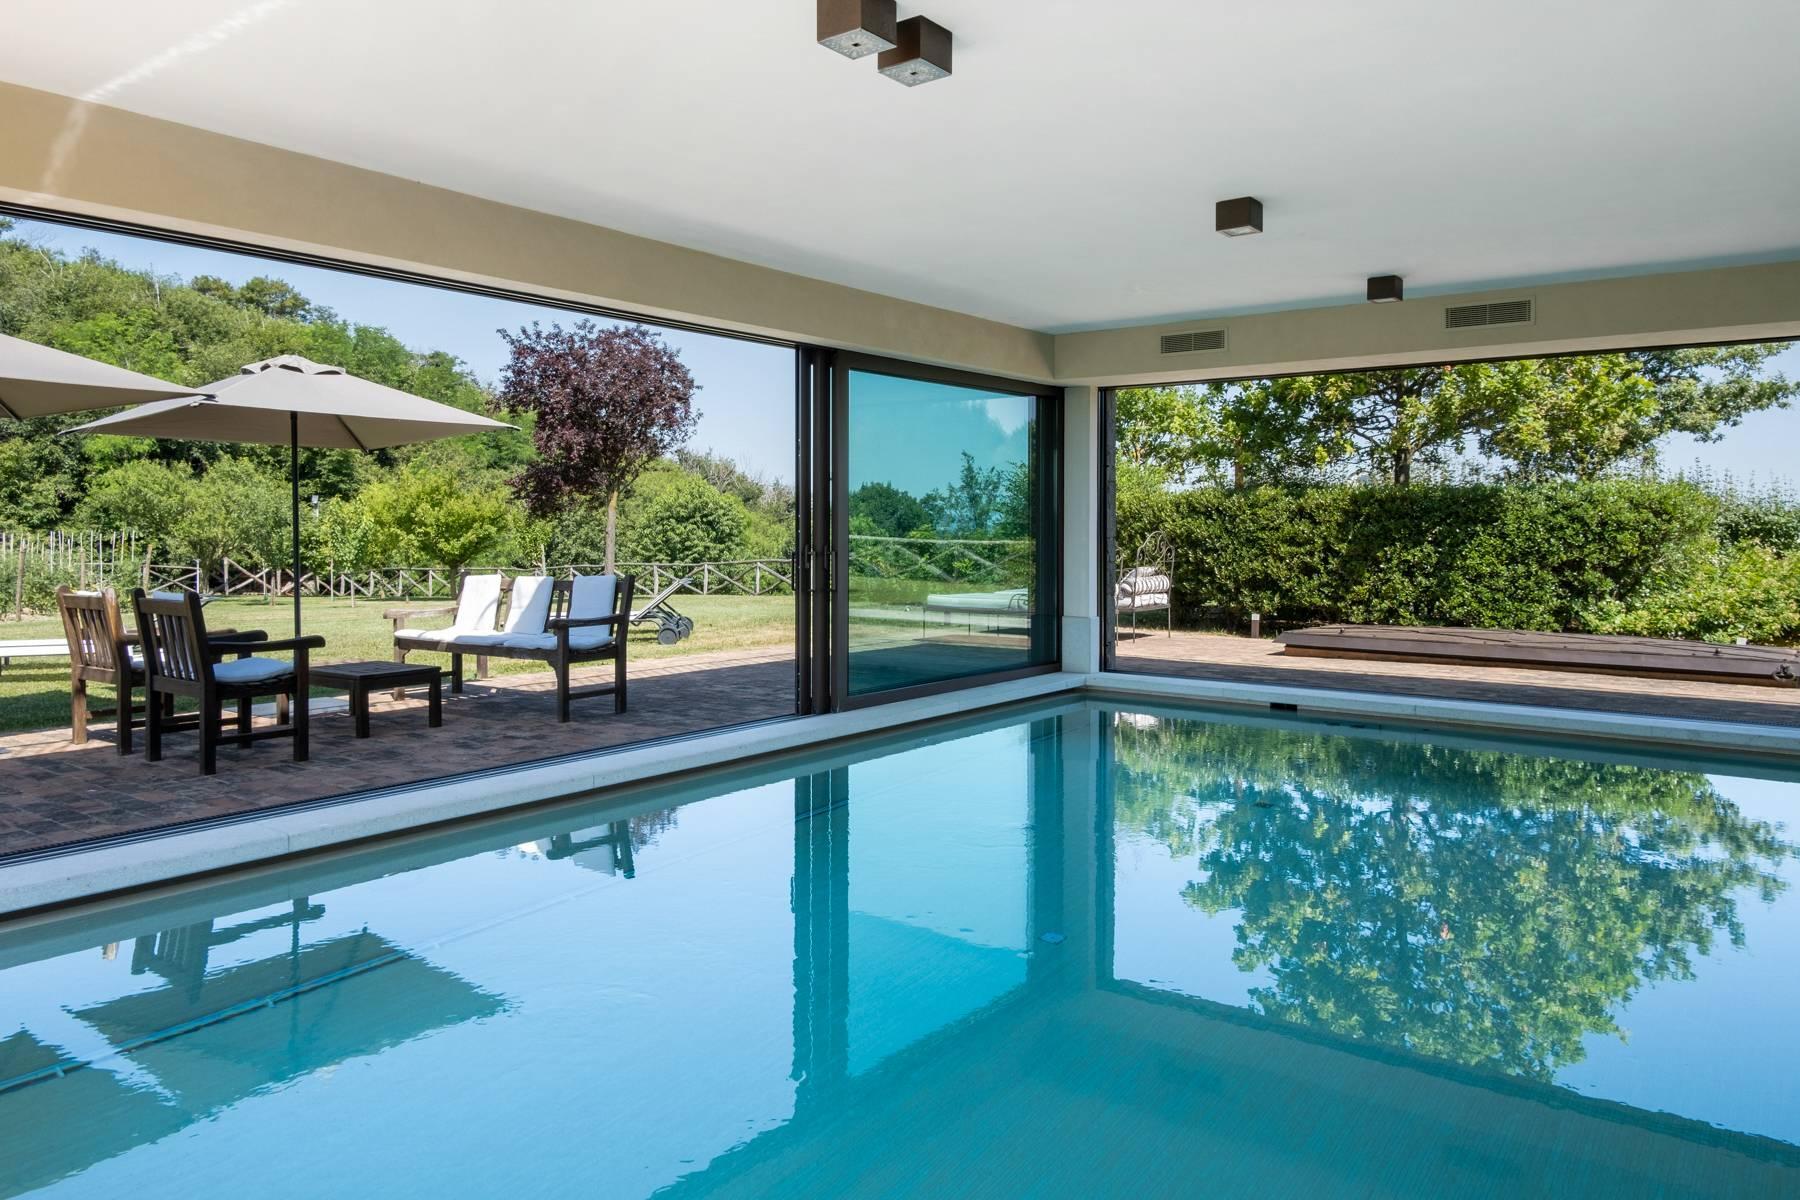 Fabelhaft renoviertes Bauernhaus auf den Hügeln mit Schwimmbad und landwirtschaftlichem Anwesen mit Weinbergen - 2